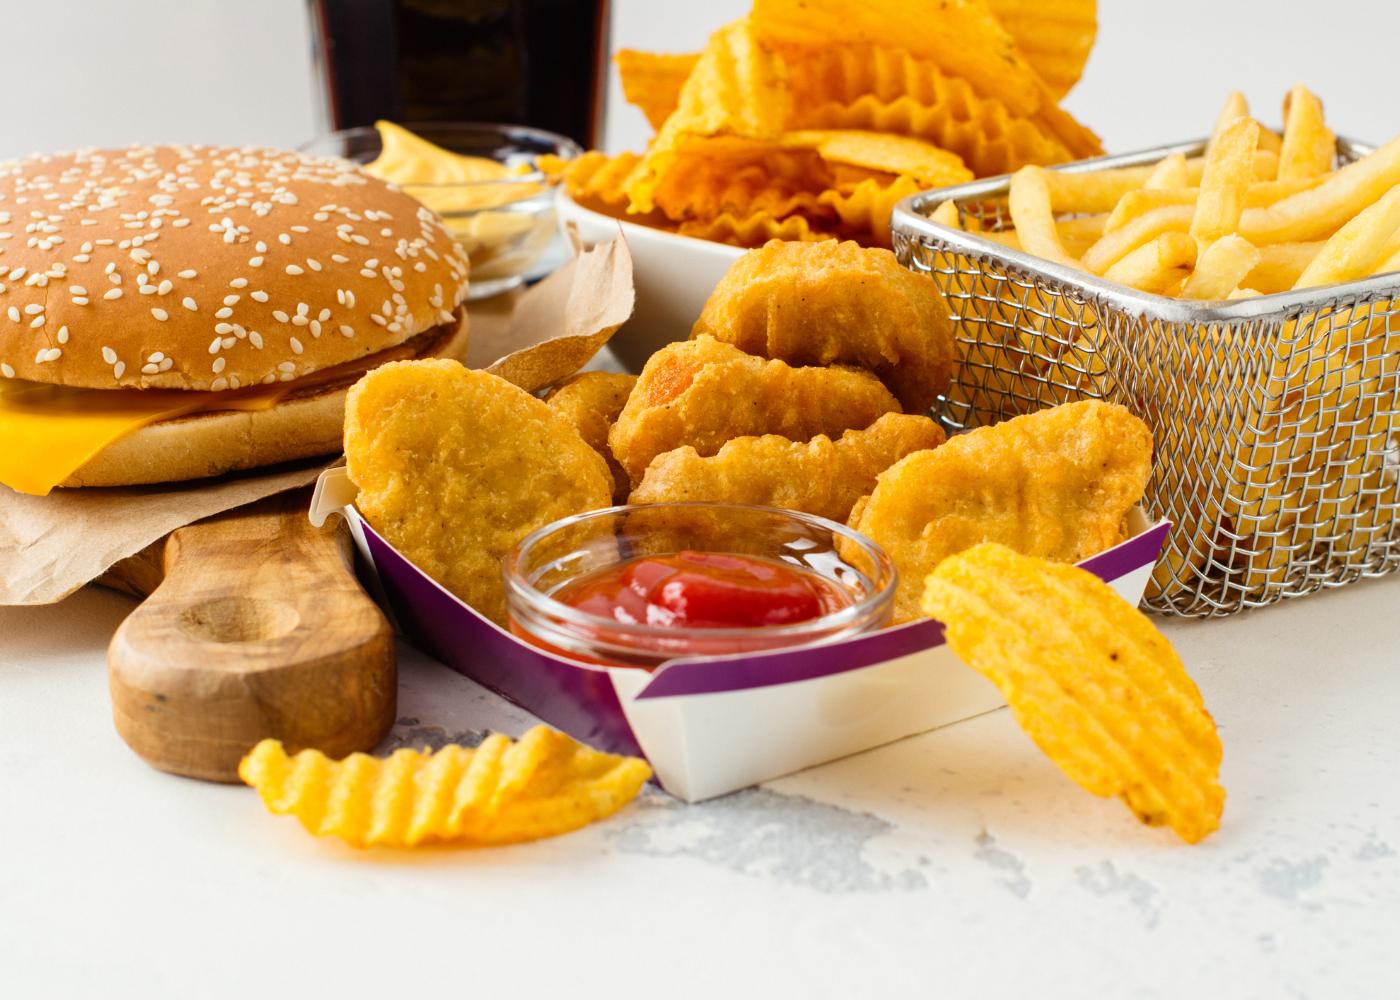 refluxo o que nao deve comer alimentos com muita gordura